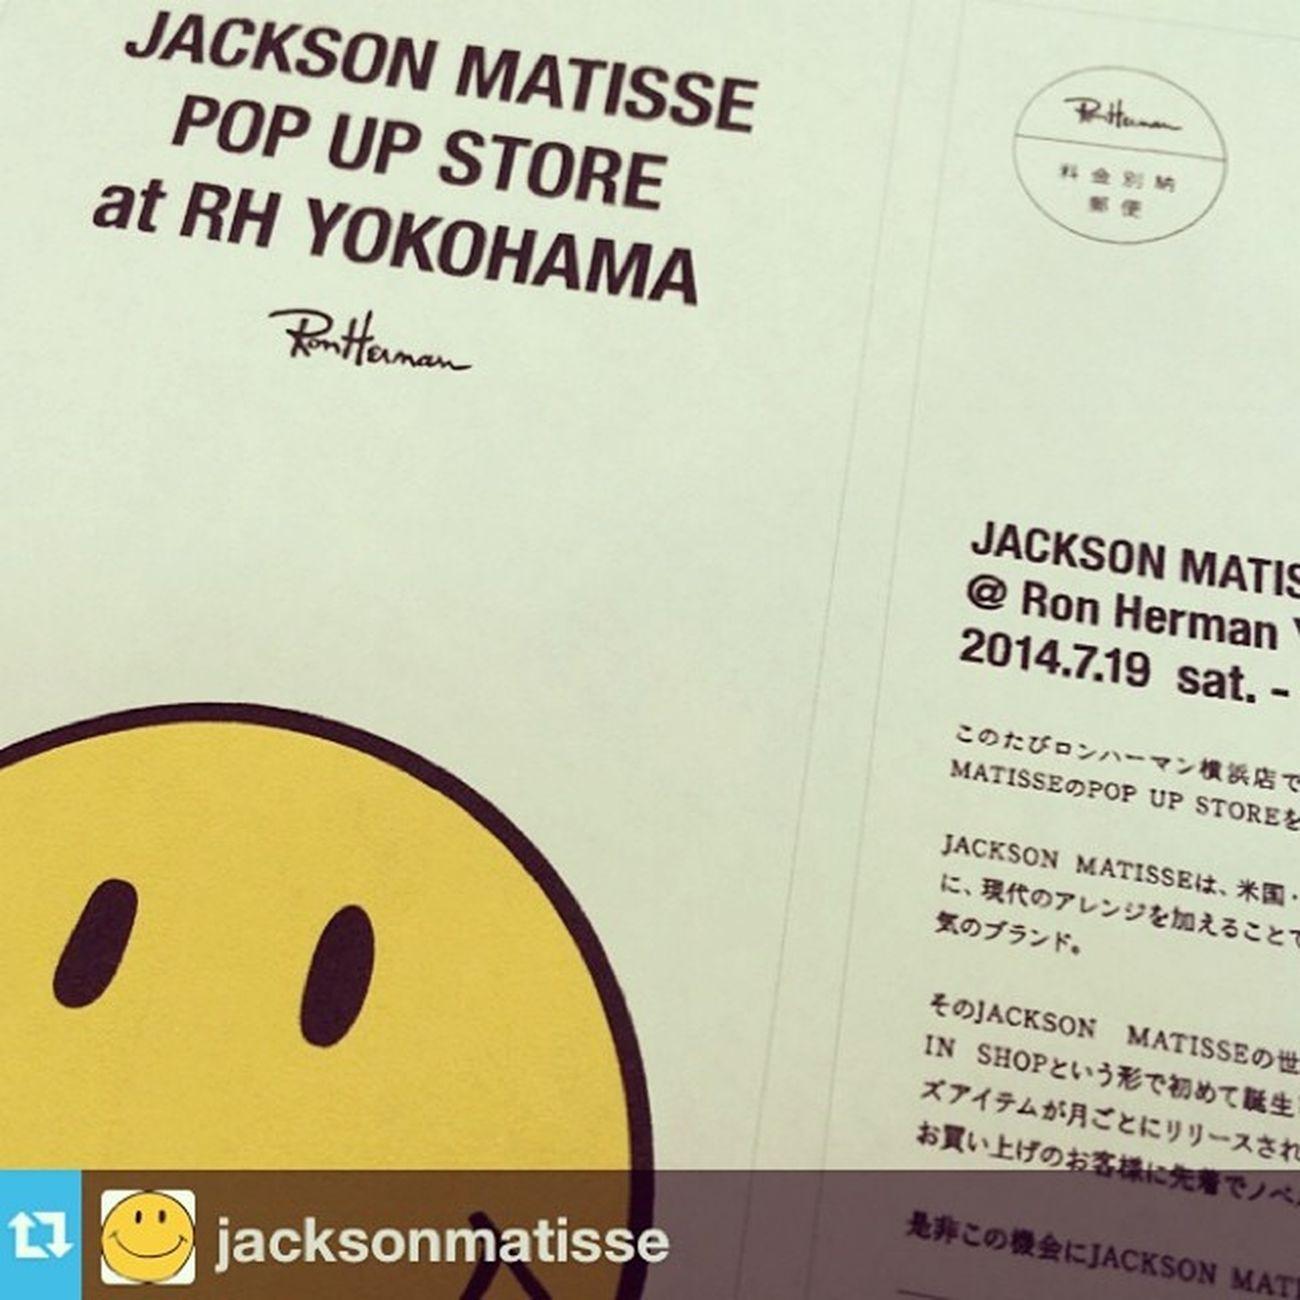 ⋆ ⋆ 楽しみです◡̈⃝ ⋆ #jacksonmatisse#ronherman ⋆ #Repost from jacksonmatisse --- YOKOHAMAに半年間、お邪魔させて頂きます!!